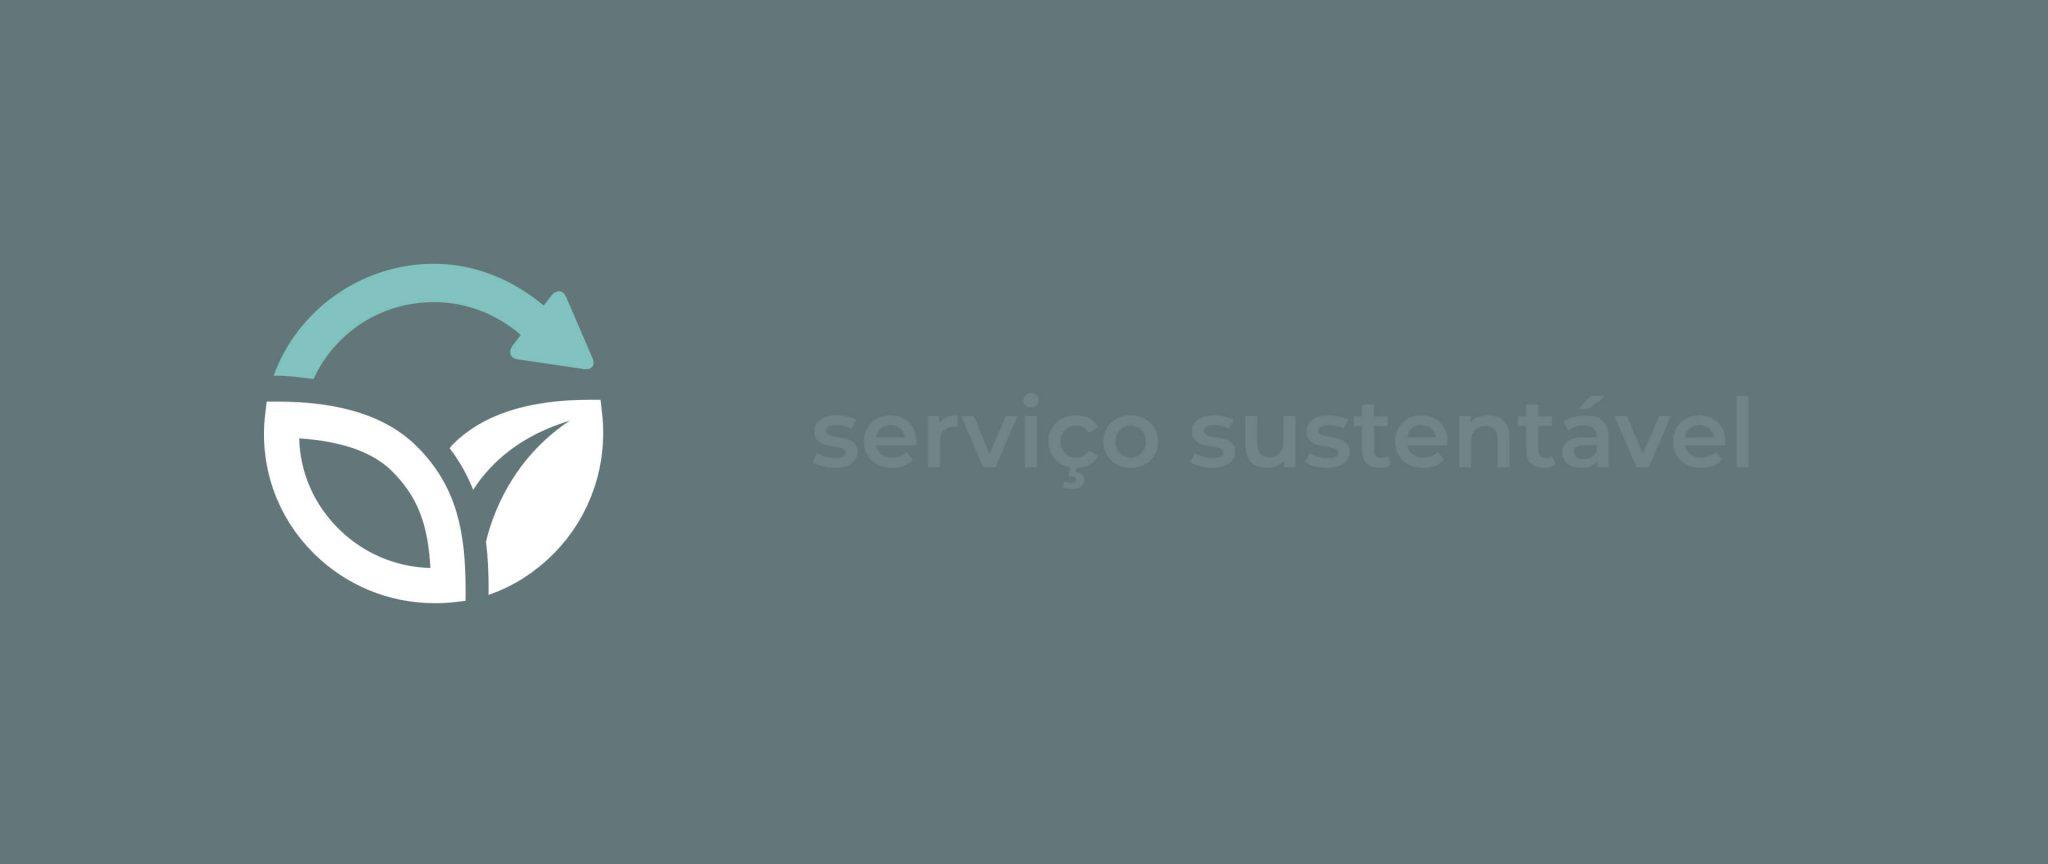 Como ter uma prestadora de serviços sustentável